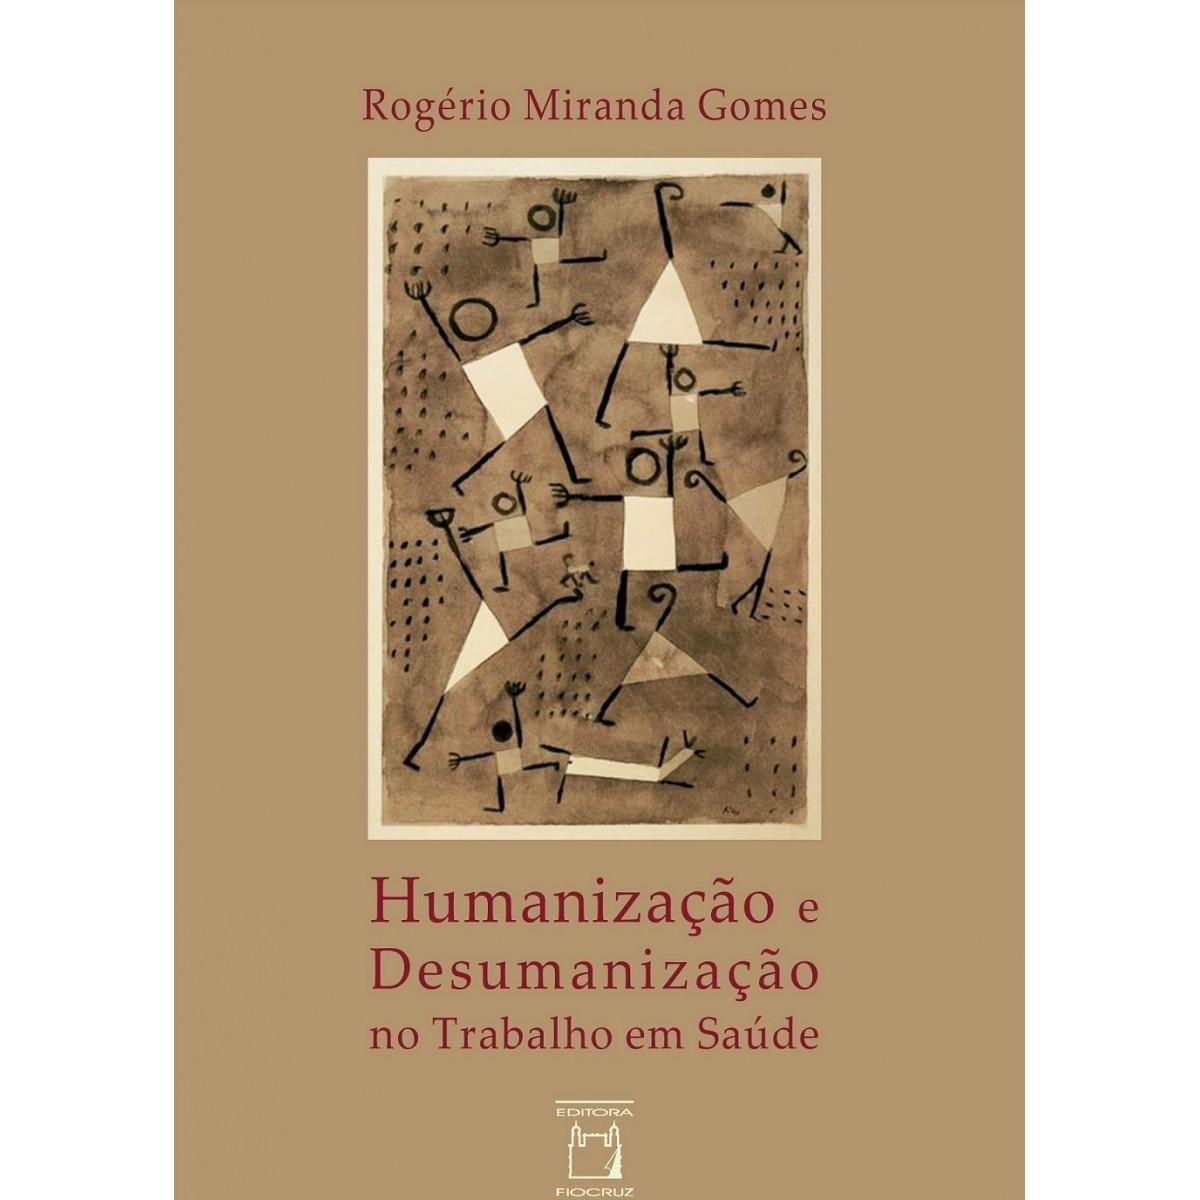 Humanização e Desumanização no Trabalho em Saúde  - Livraria Virtual da Editora Fiocruz